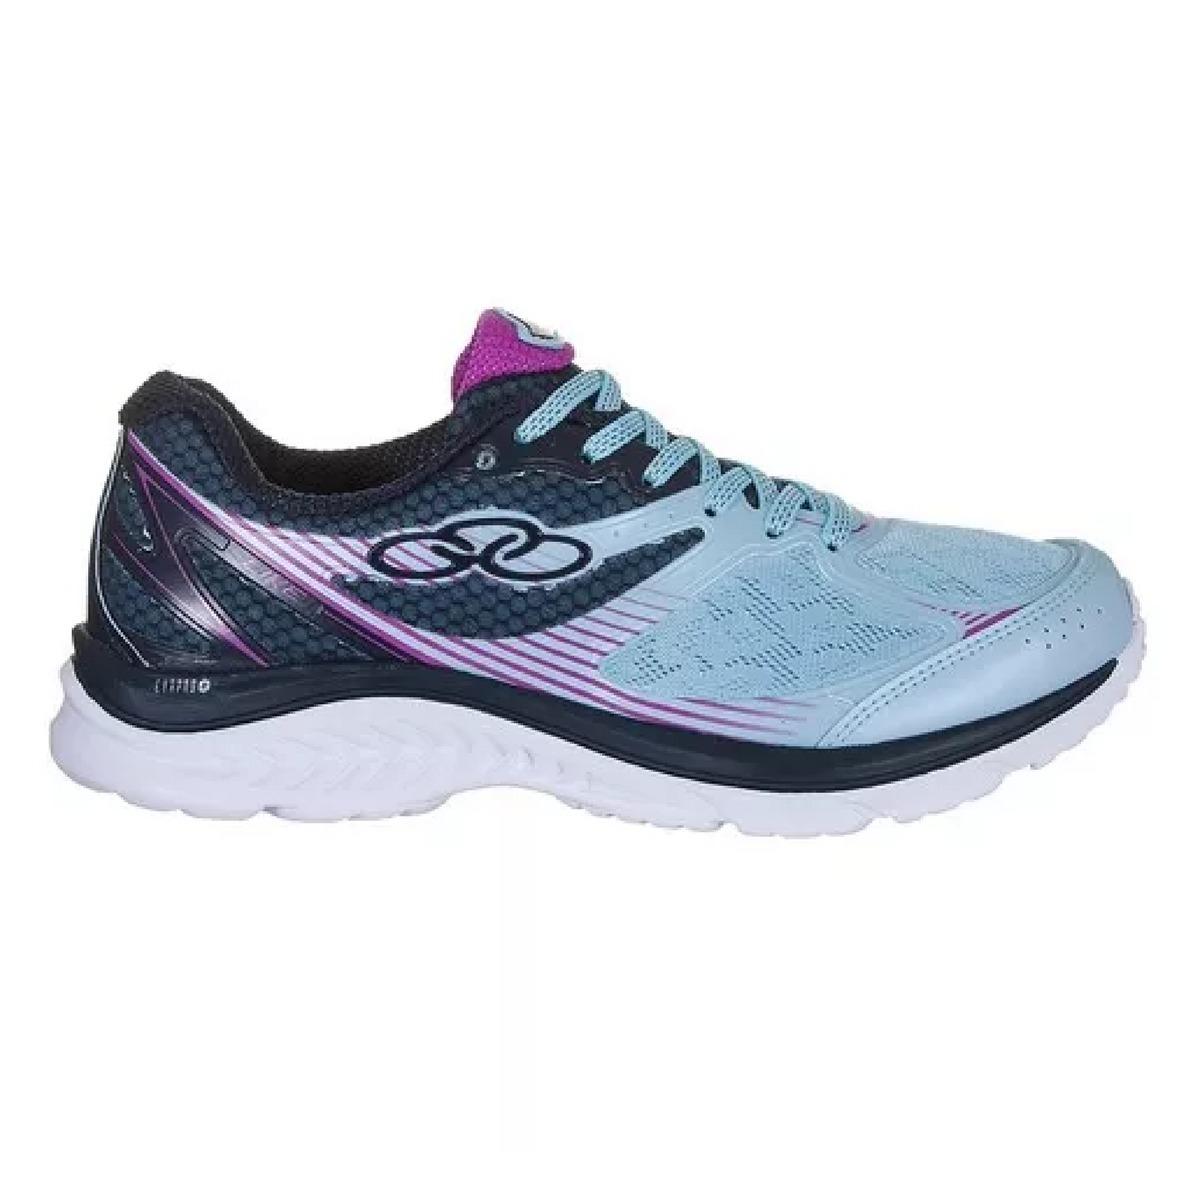 26f4365817c Carregando zoom... tenis olympikus feminino barato corrida caminhada  academia